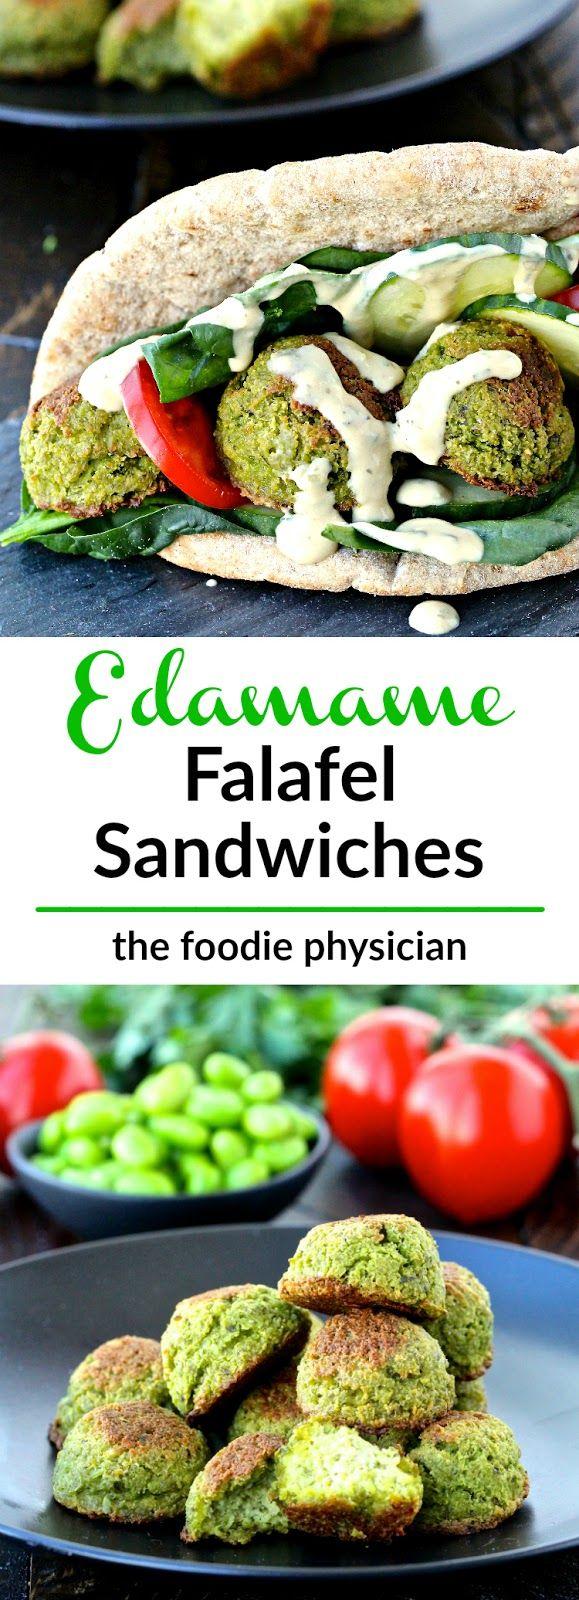 Best 25+ Falafel sandwich ideas on Pinterest | Falafel ...